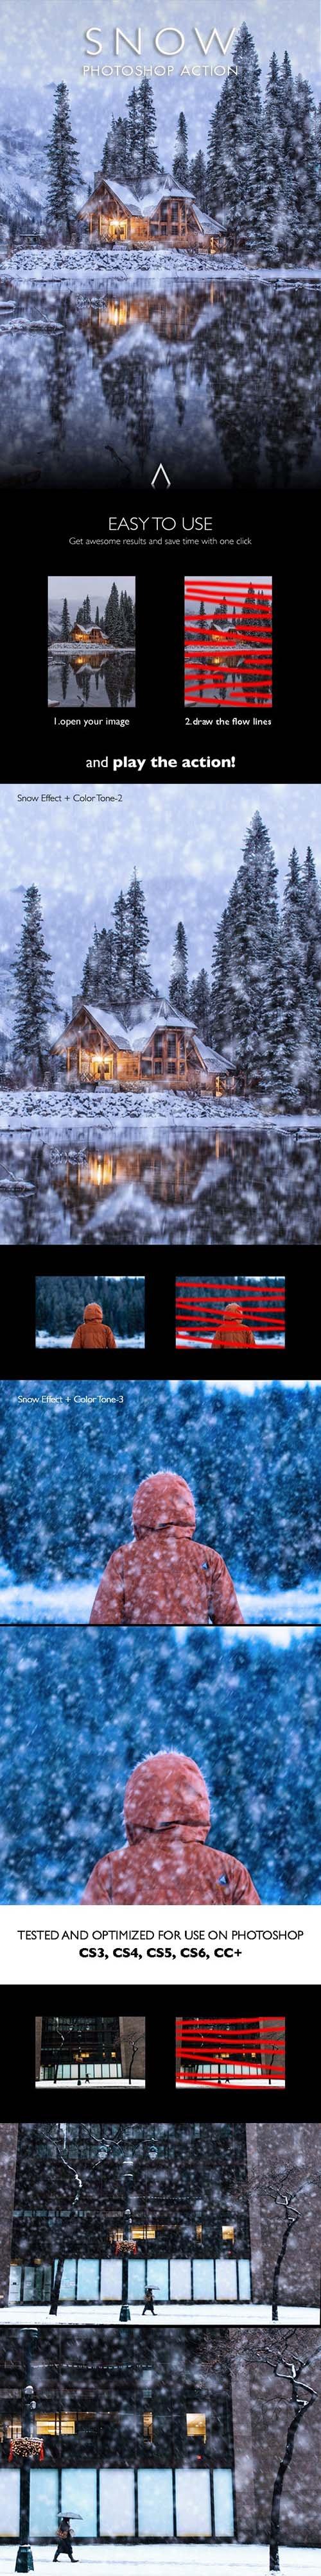 Snow Photoshop Action 25599566